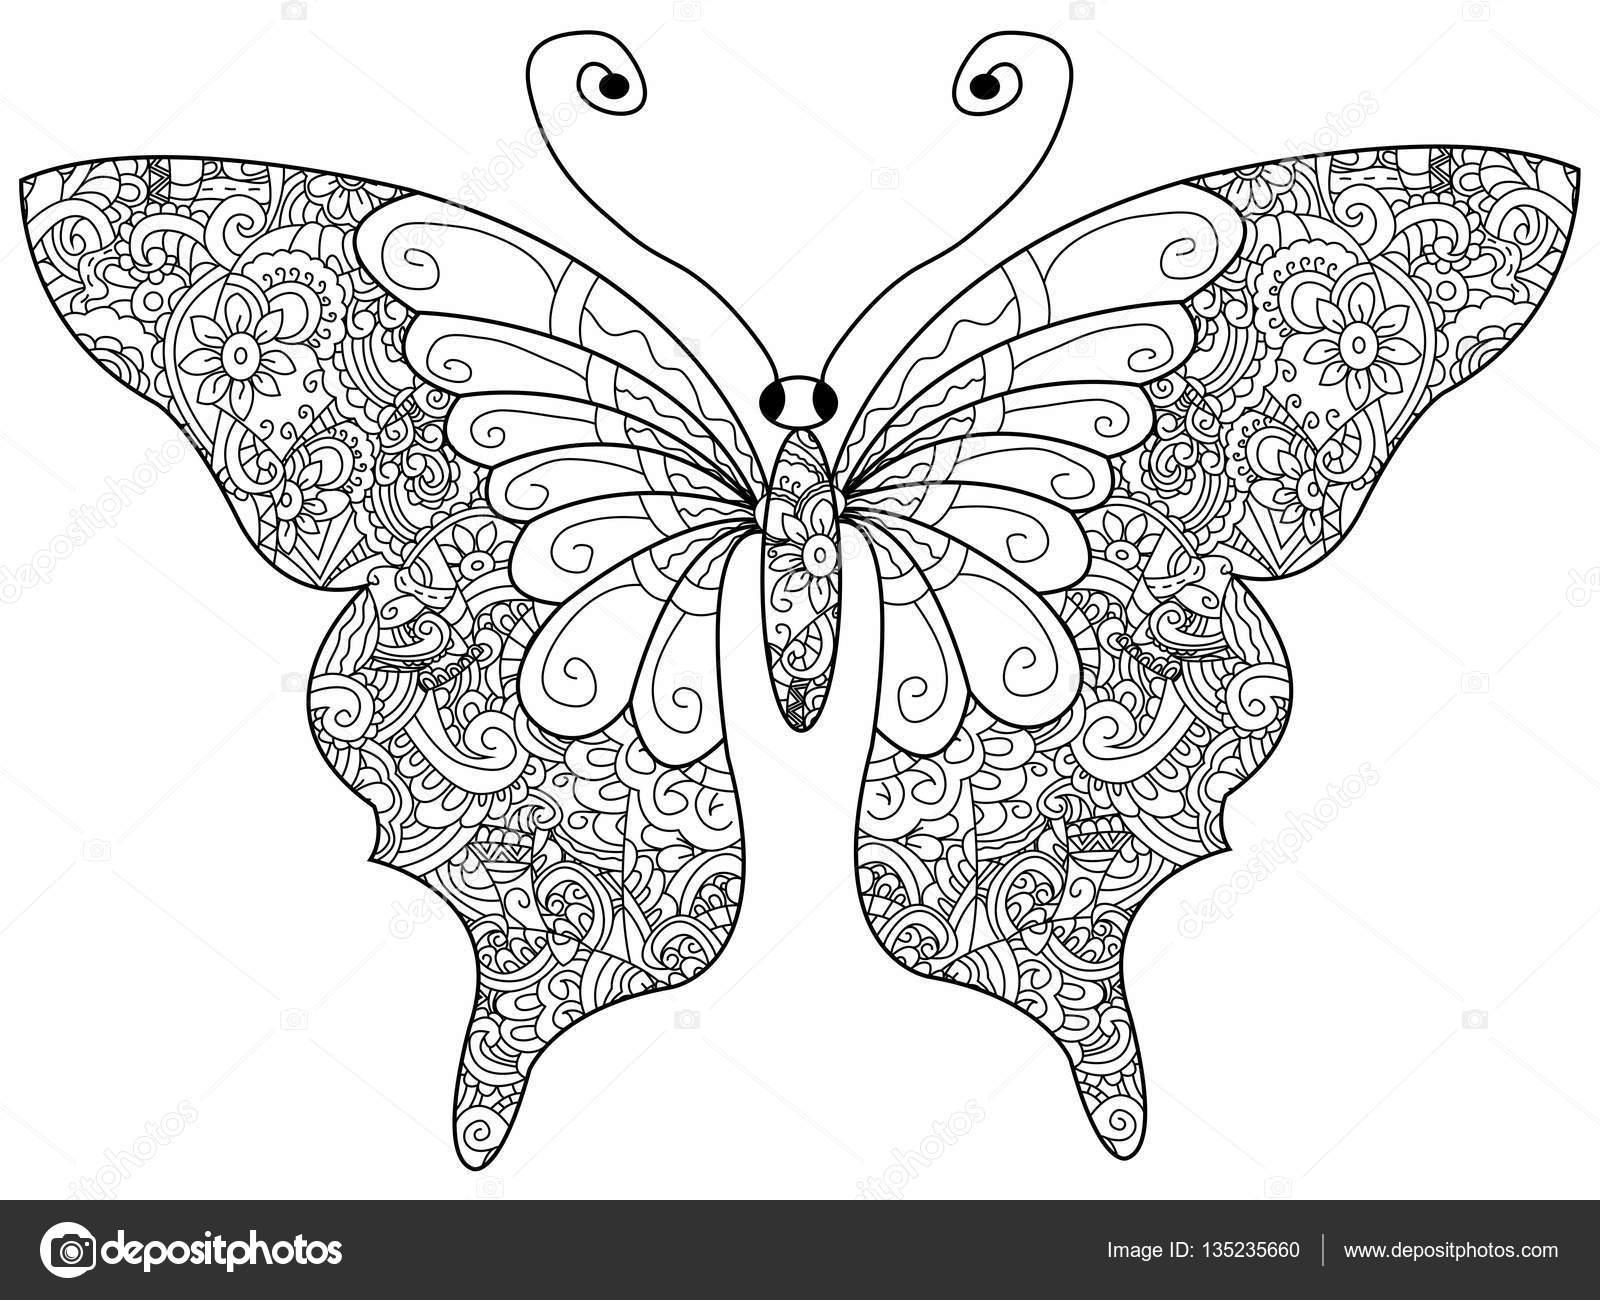 Uilen Kleurplaat Printen Motyl Kolorowanki Książka Wektor Dla Dorosłych Grafika